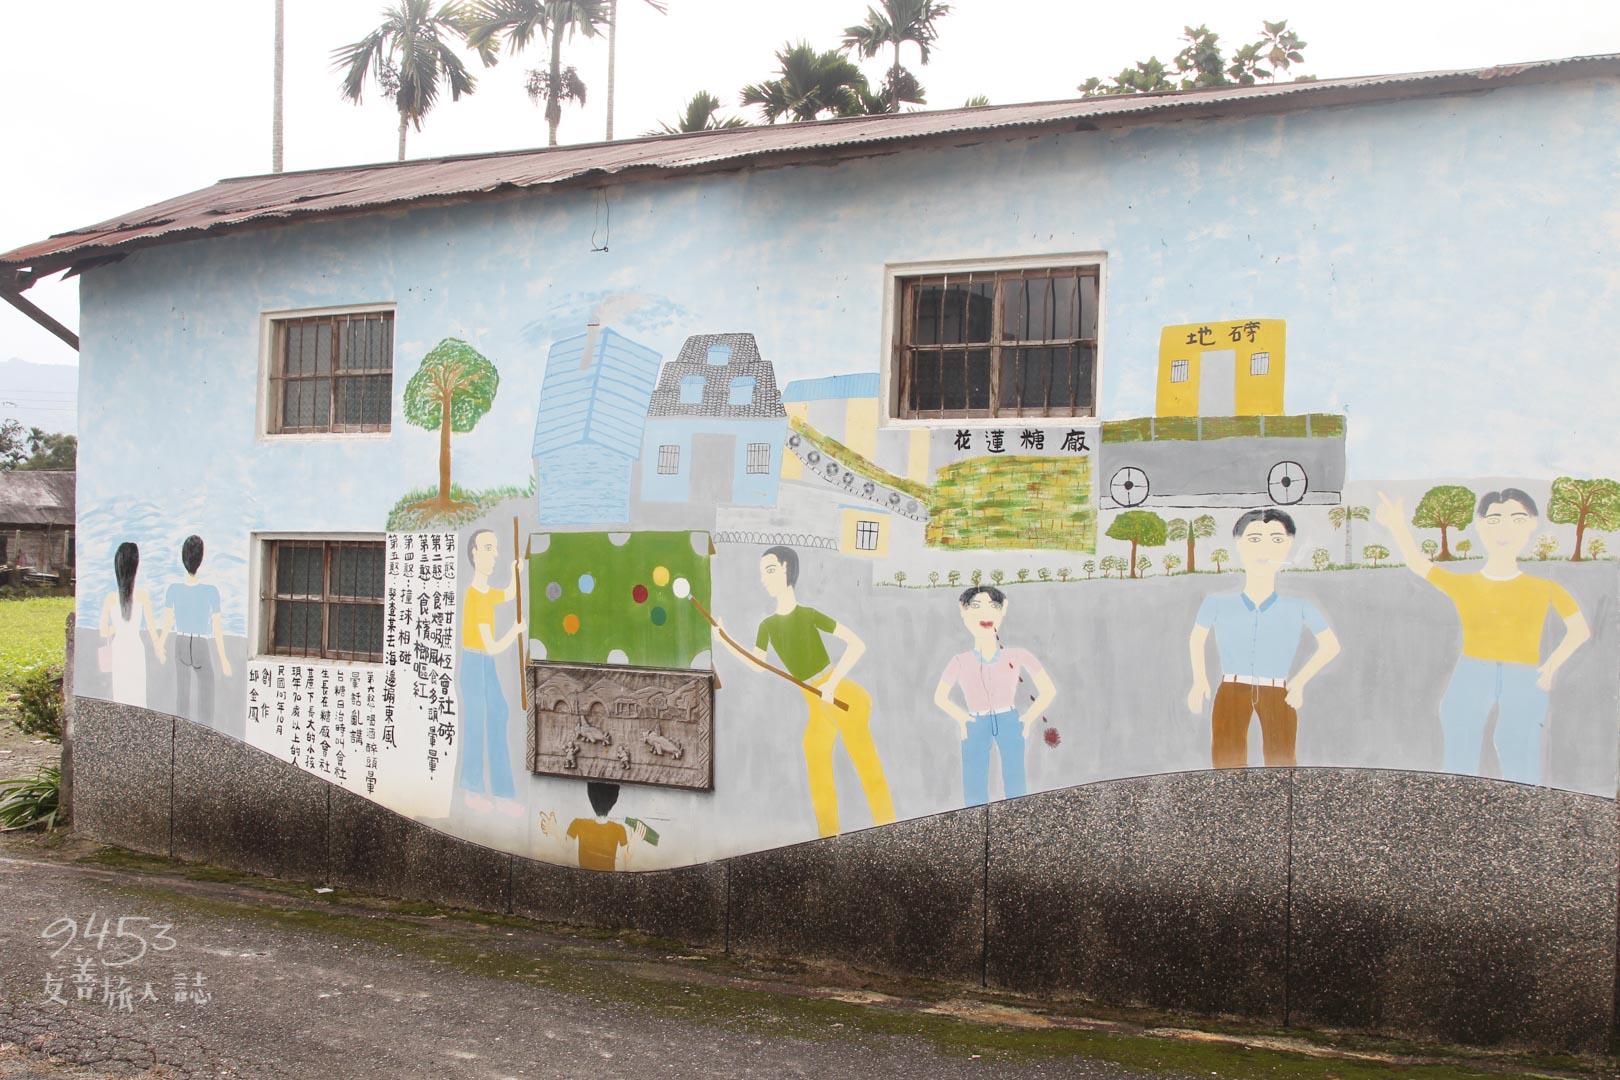 邱金鳳阿嬤親手繪製的彩繪牆